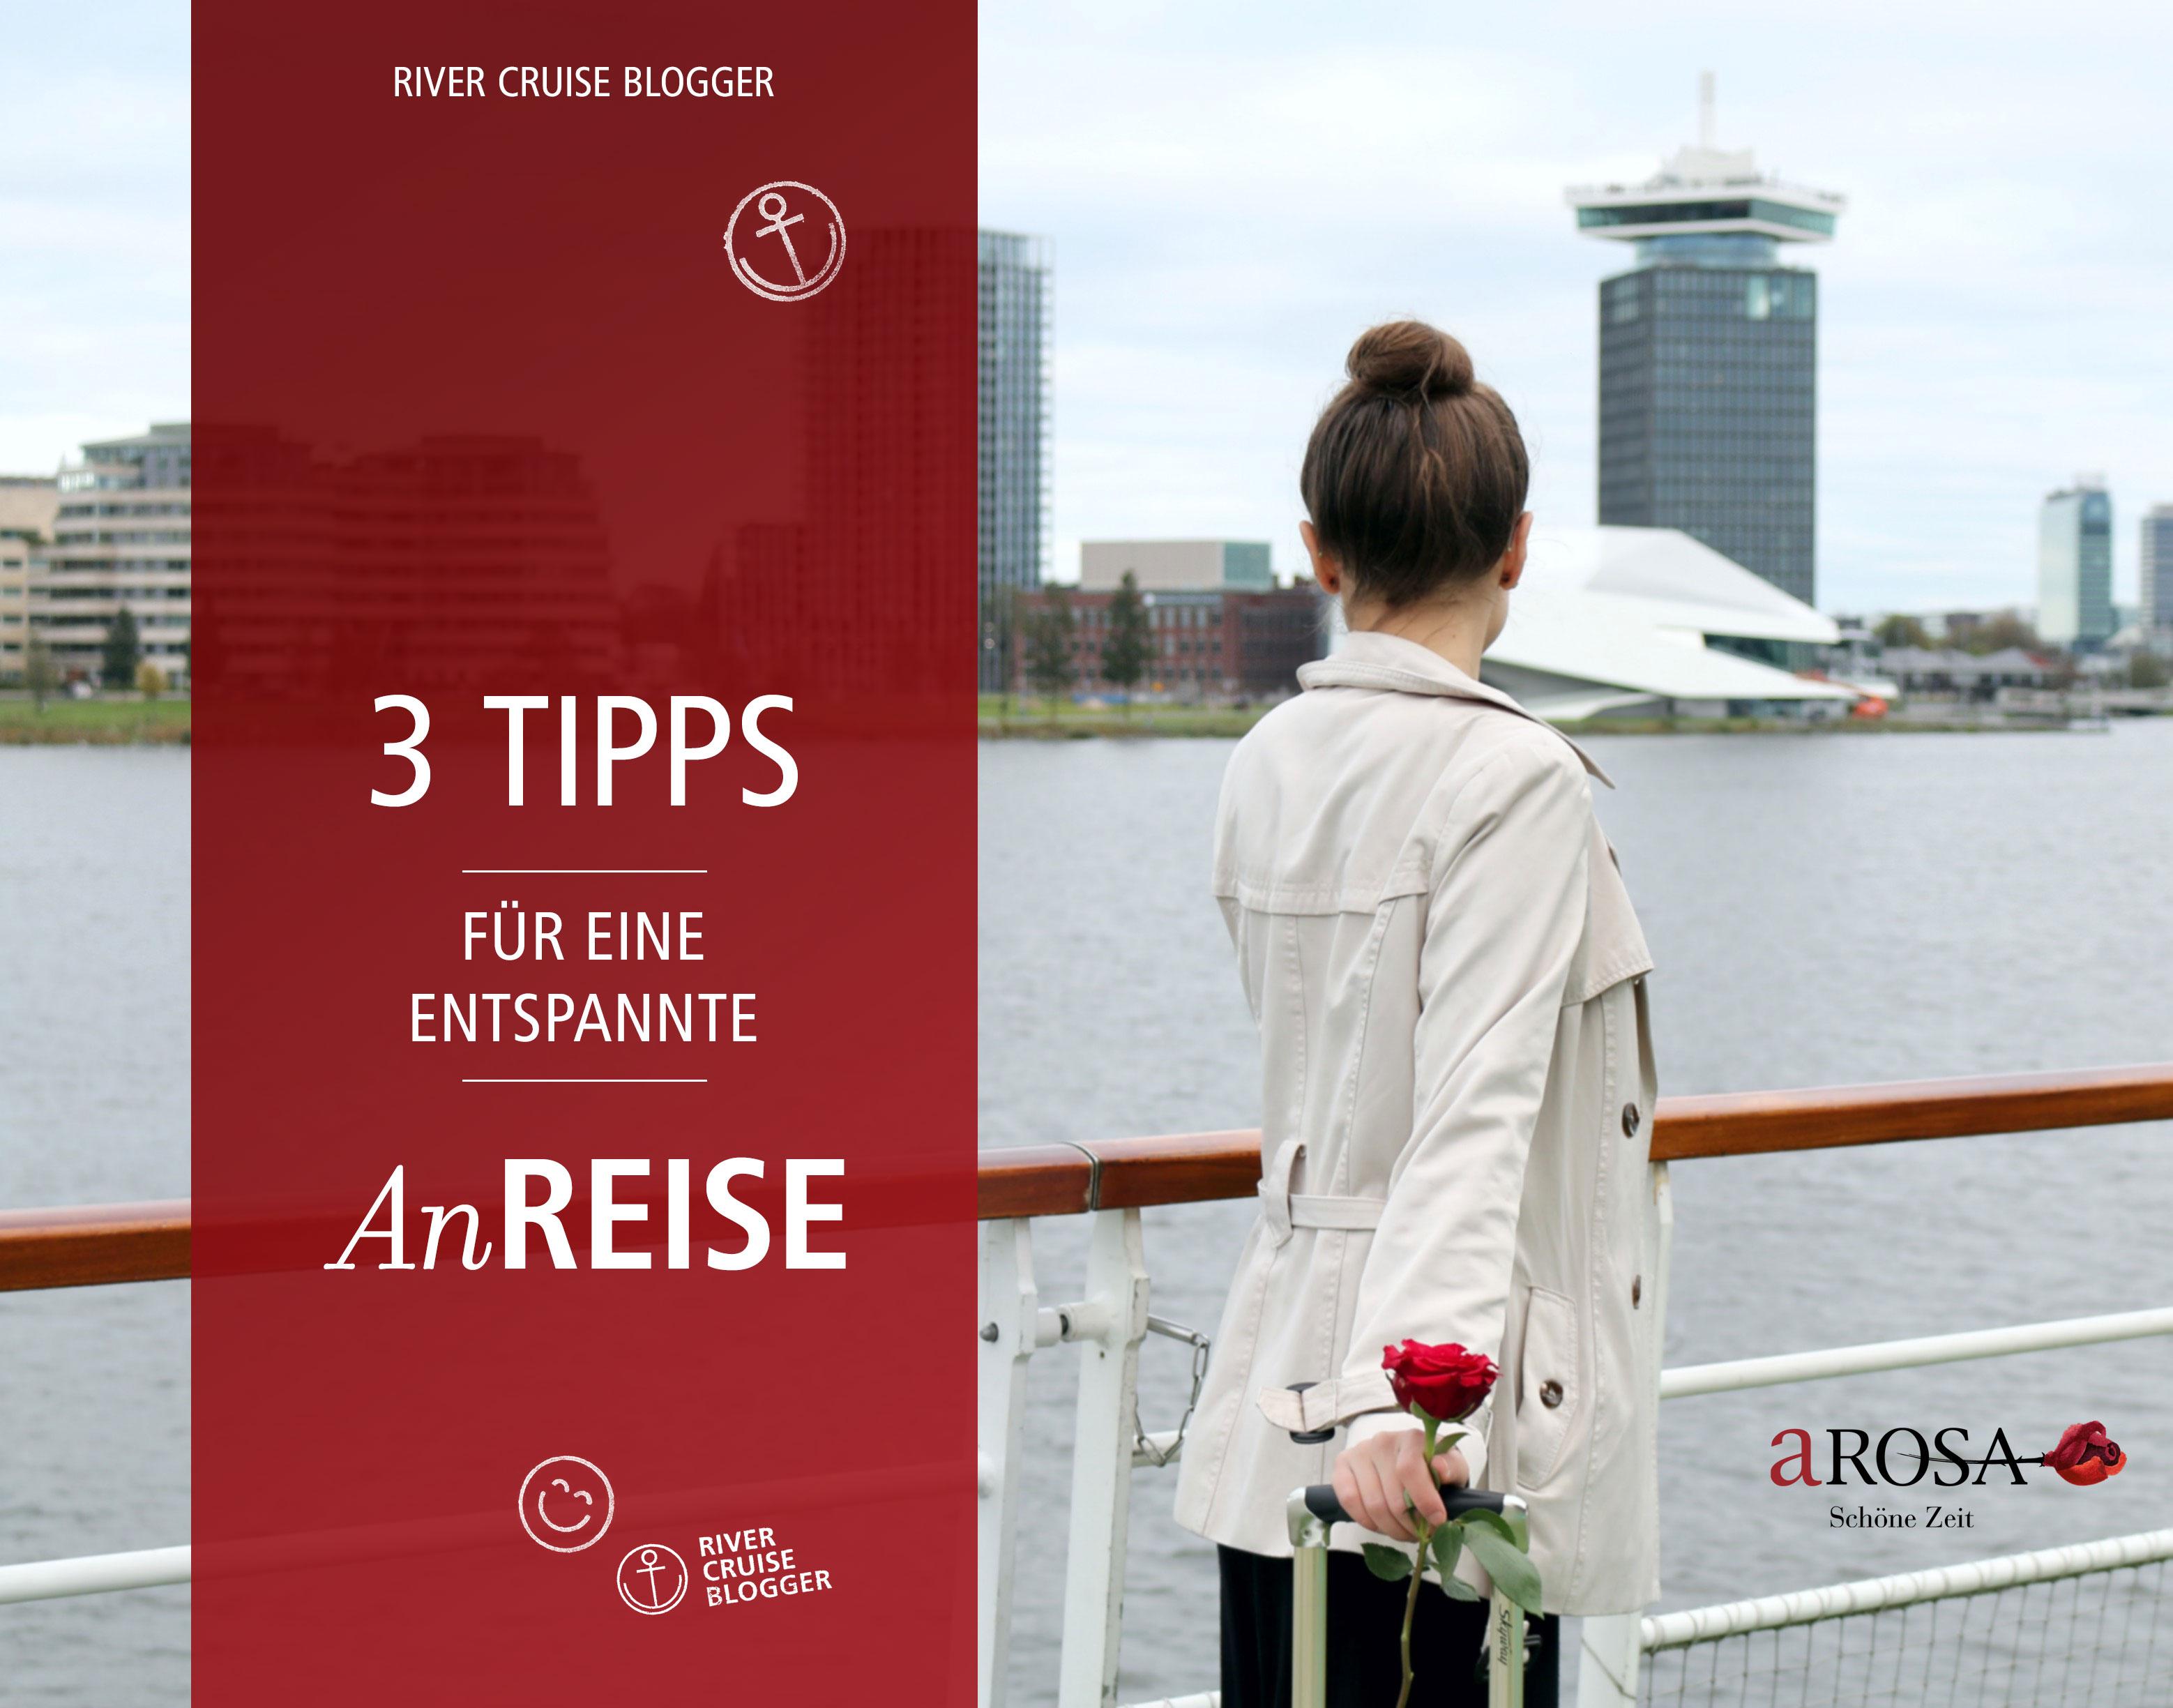 Tipps für die Anreise mit A-ROSA von Anna-Maria